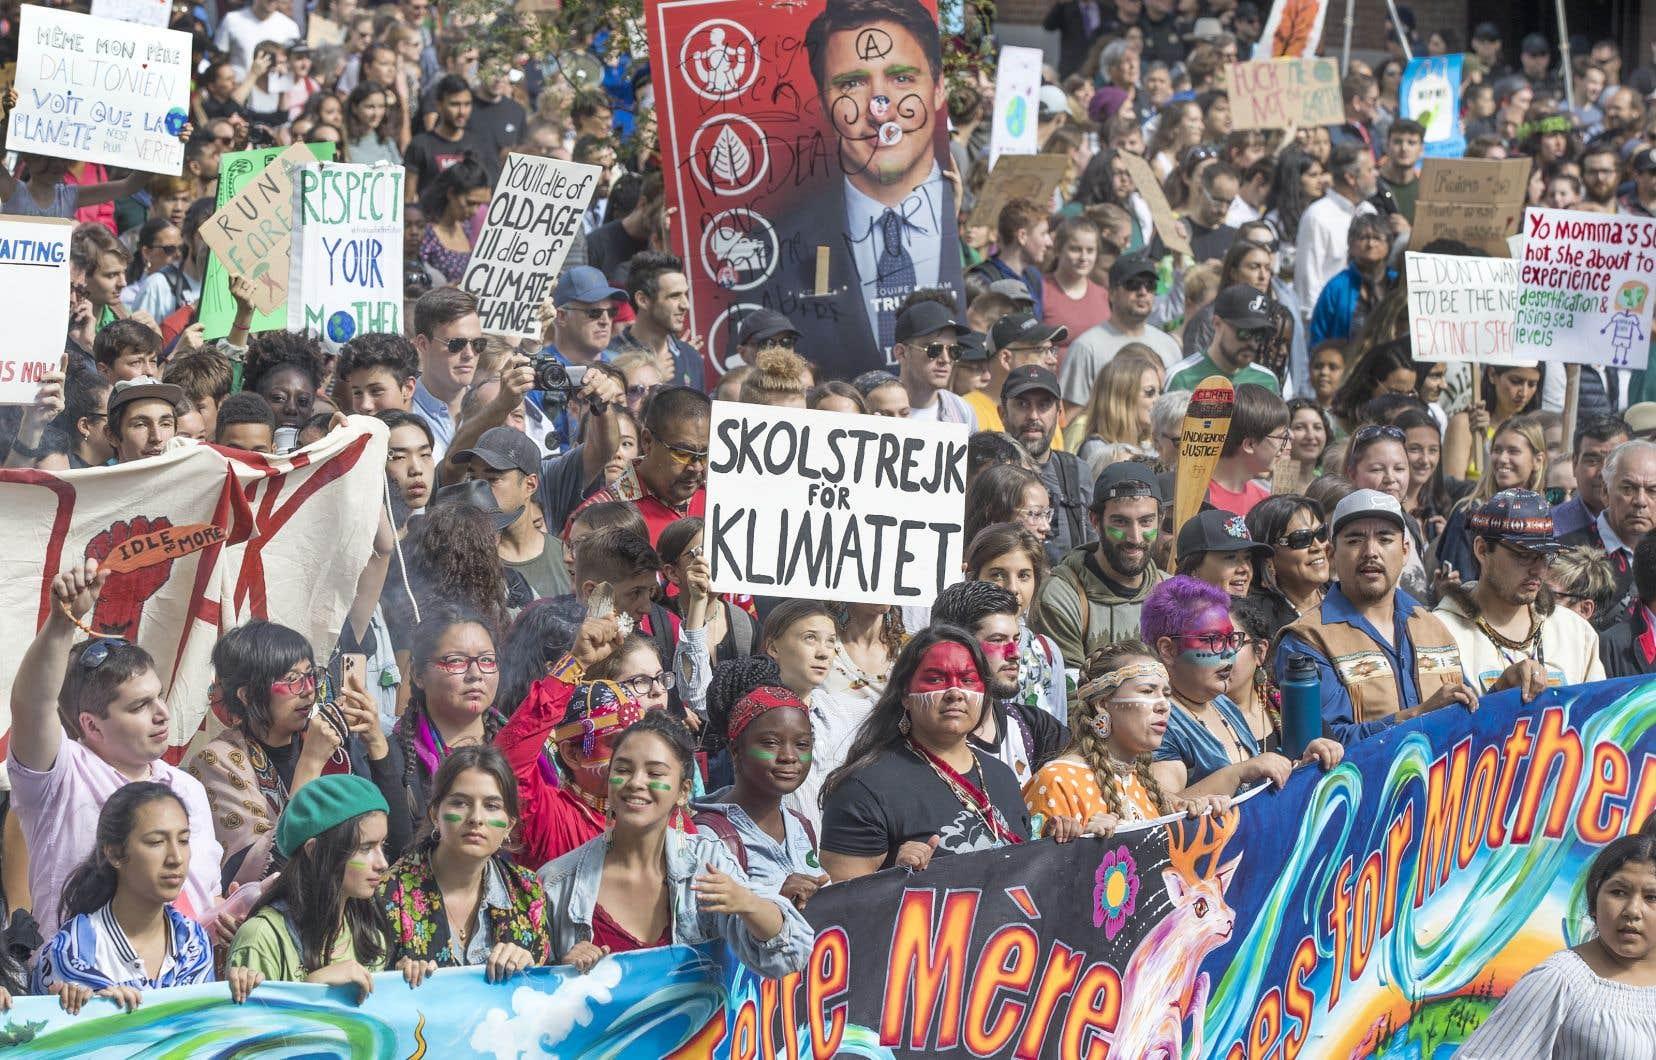 Le 27 septembre 2019, des centaines de milliers de manifestants ont défilé pour le climat dans les rues de Montréal. Y étais-tu?